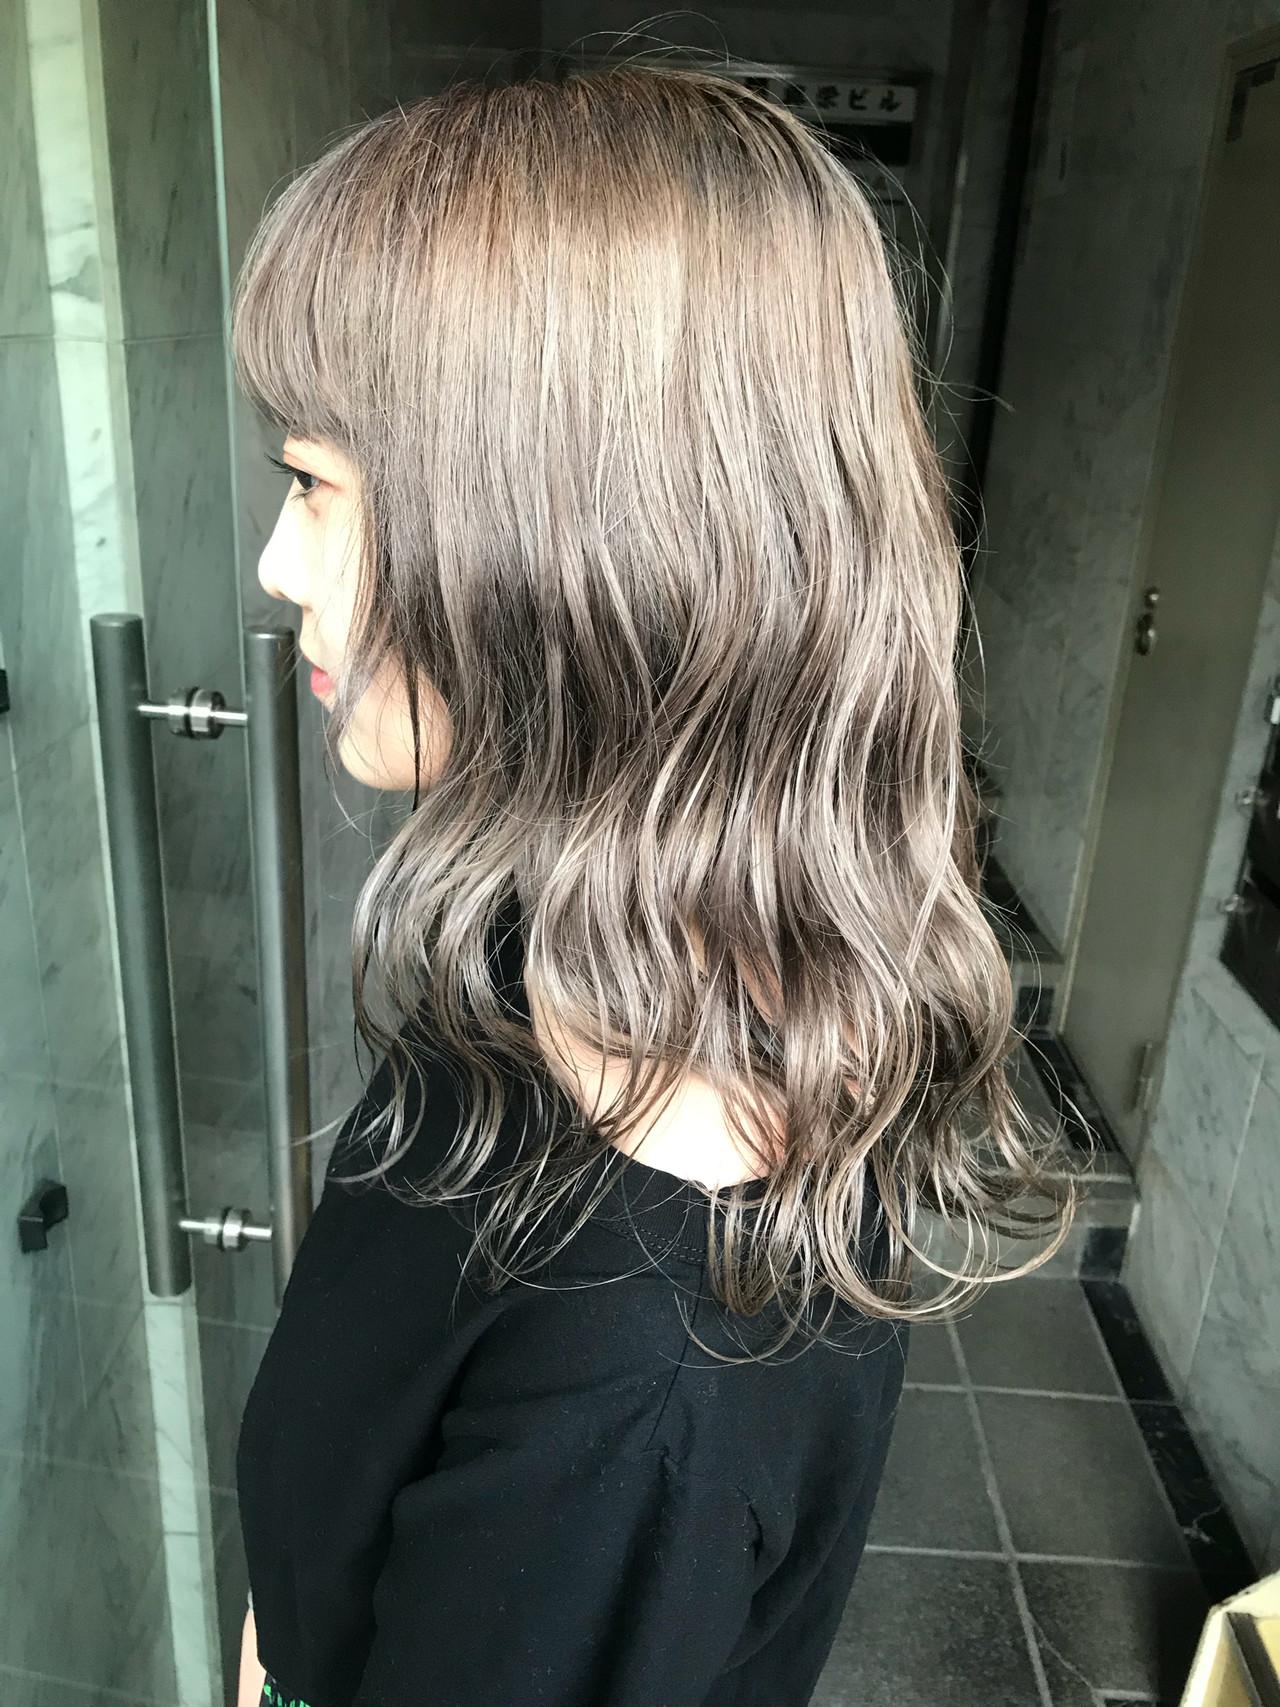 セミロング ミルクティー 外国人風 モード ヘアスタイルや髪型の写真・画像 | yoshiki / float 天神橋